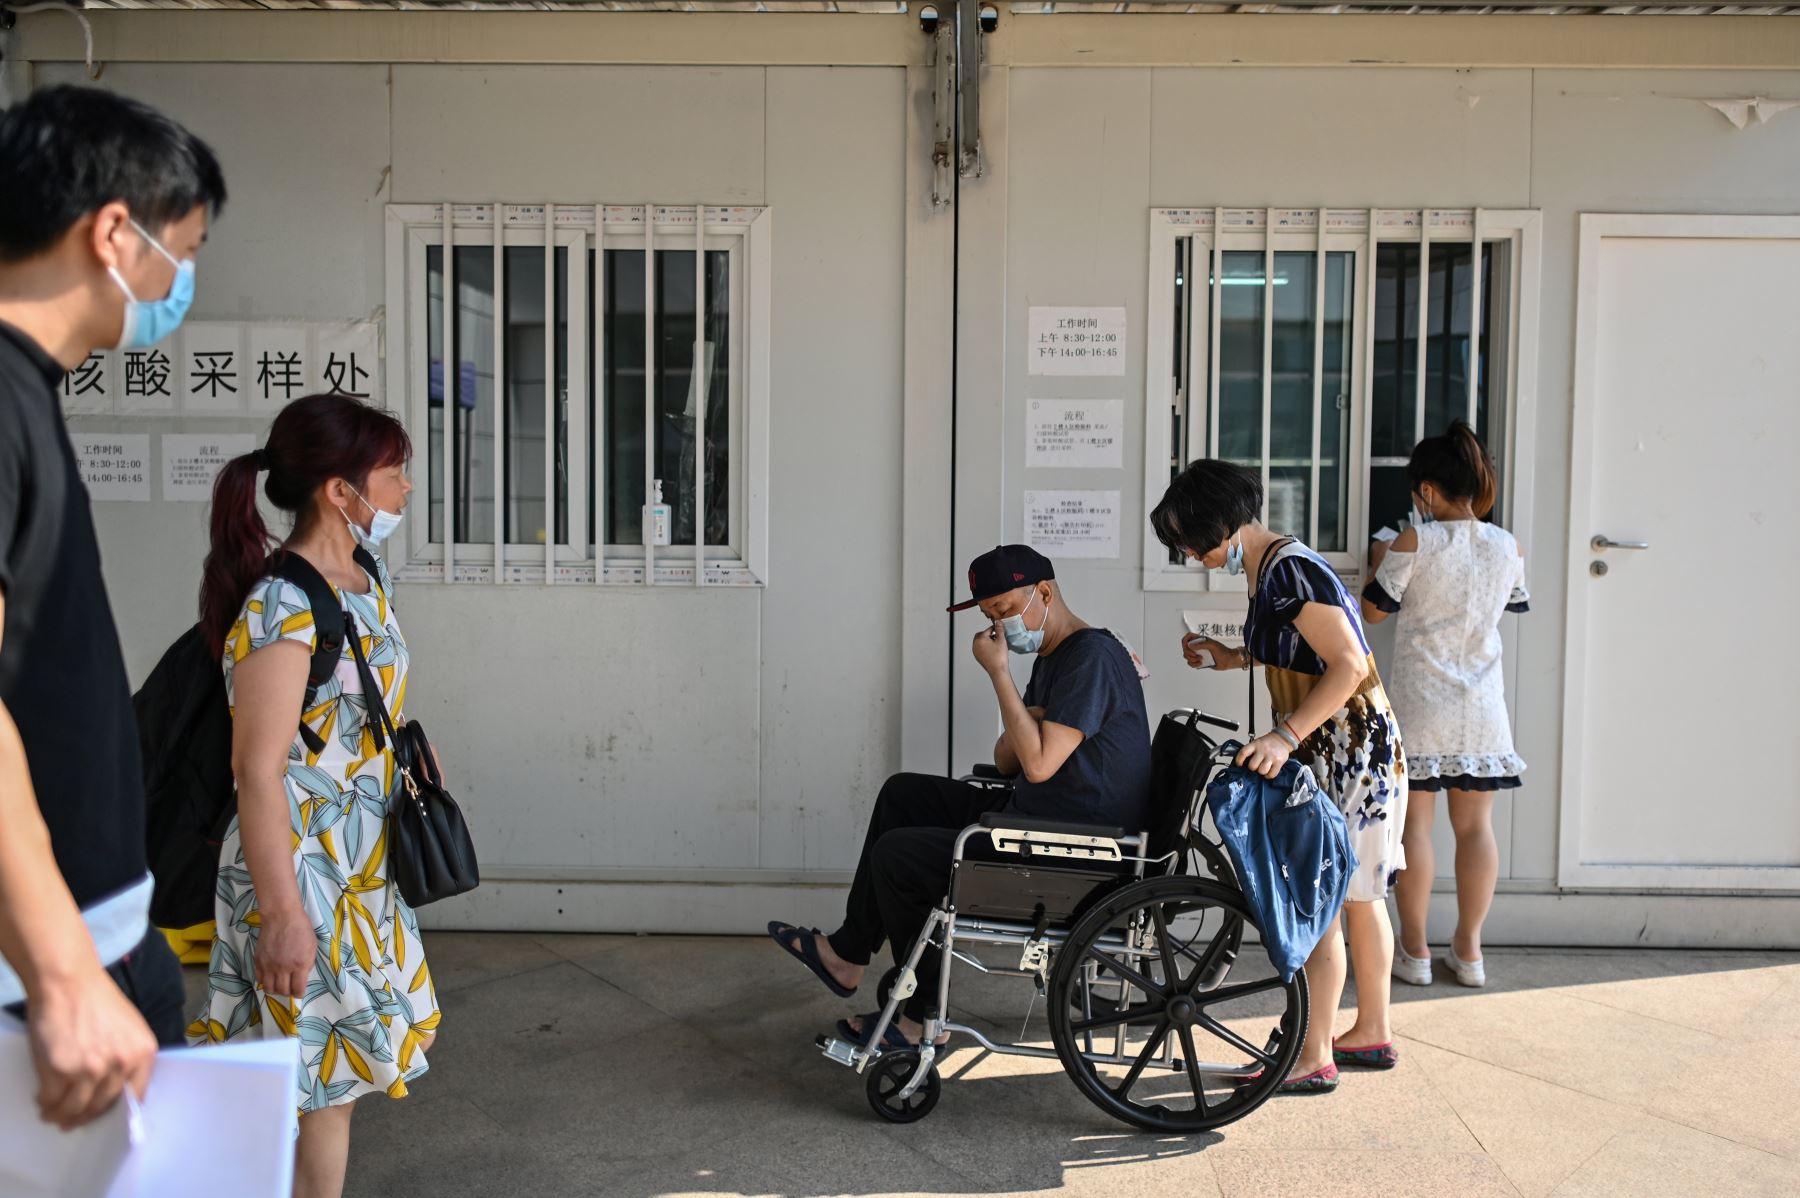 Pacientesusan máscaras faciales se congregan para la prueba del coronavirus, en el Hospital Tongji, en Wuhan, provincia central de Hubei de China. Foto: AFP